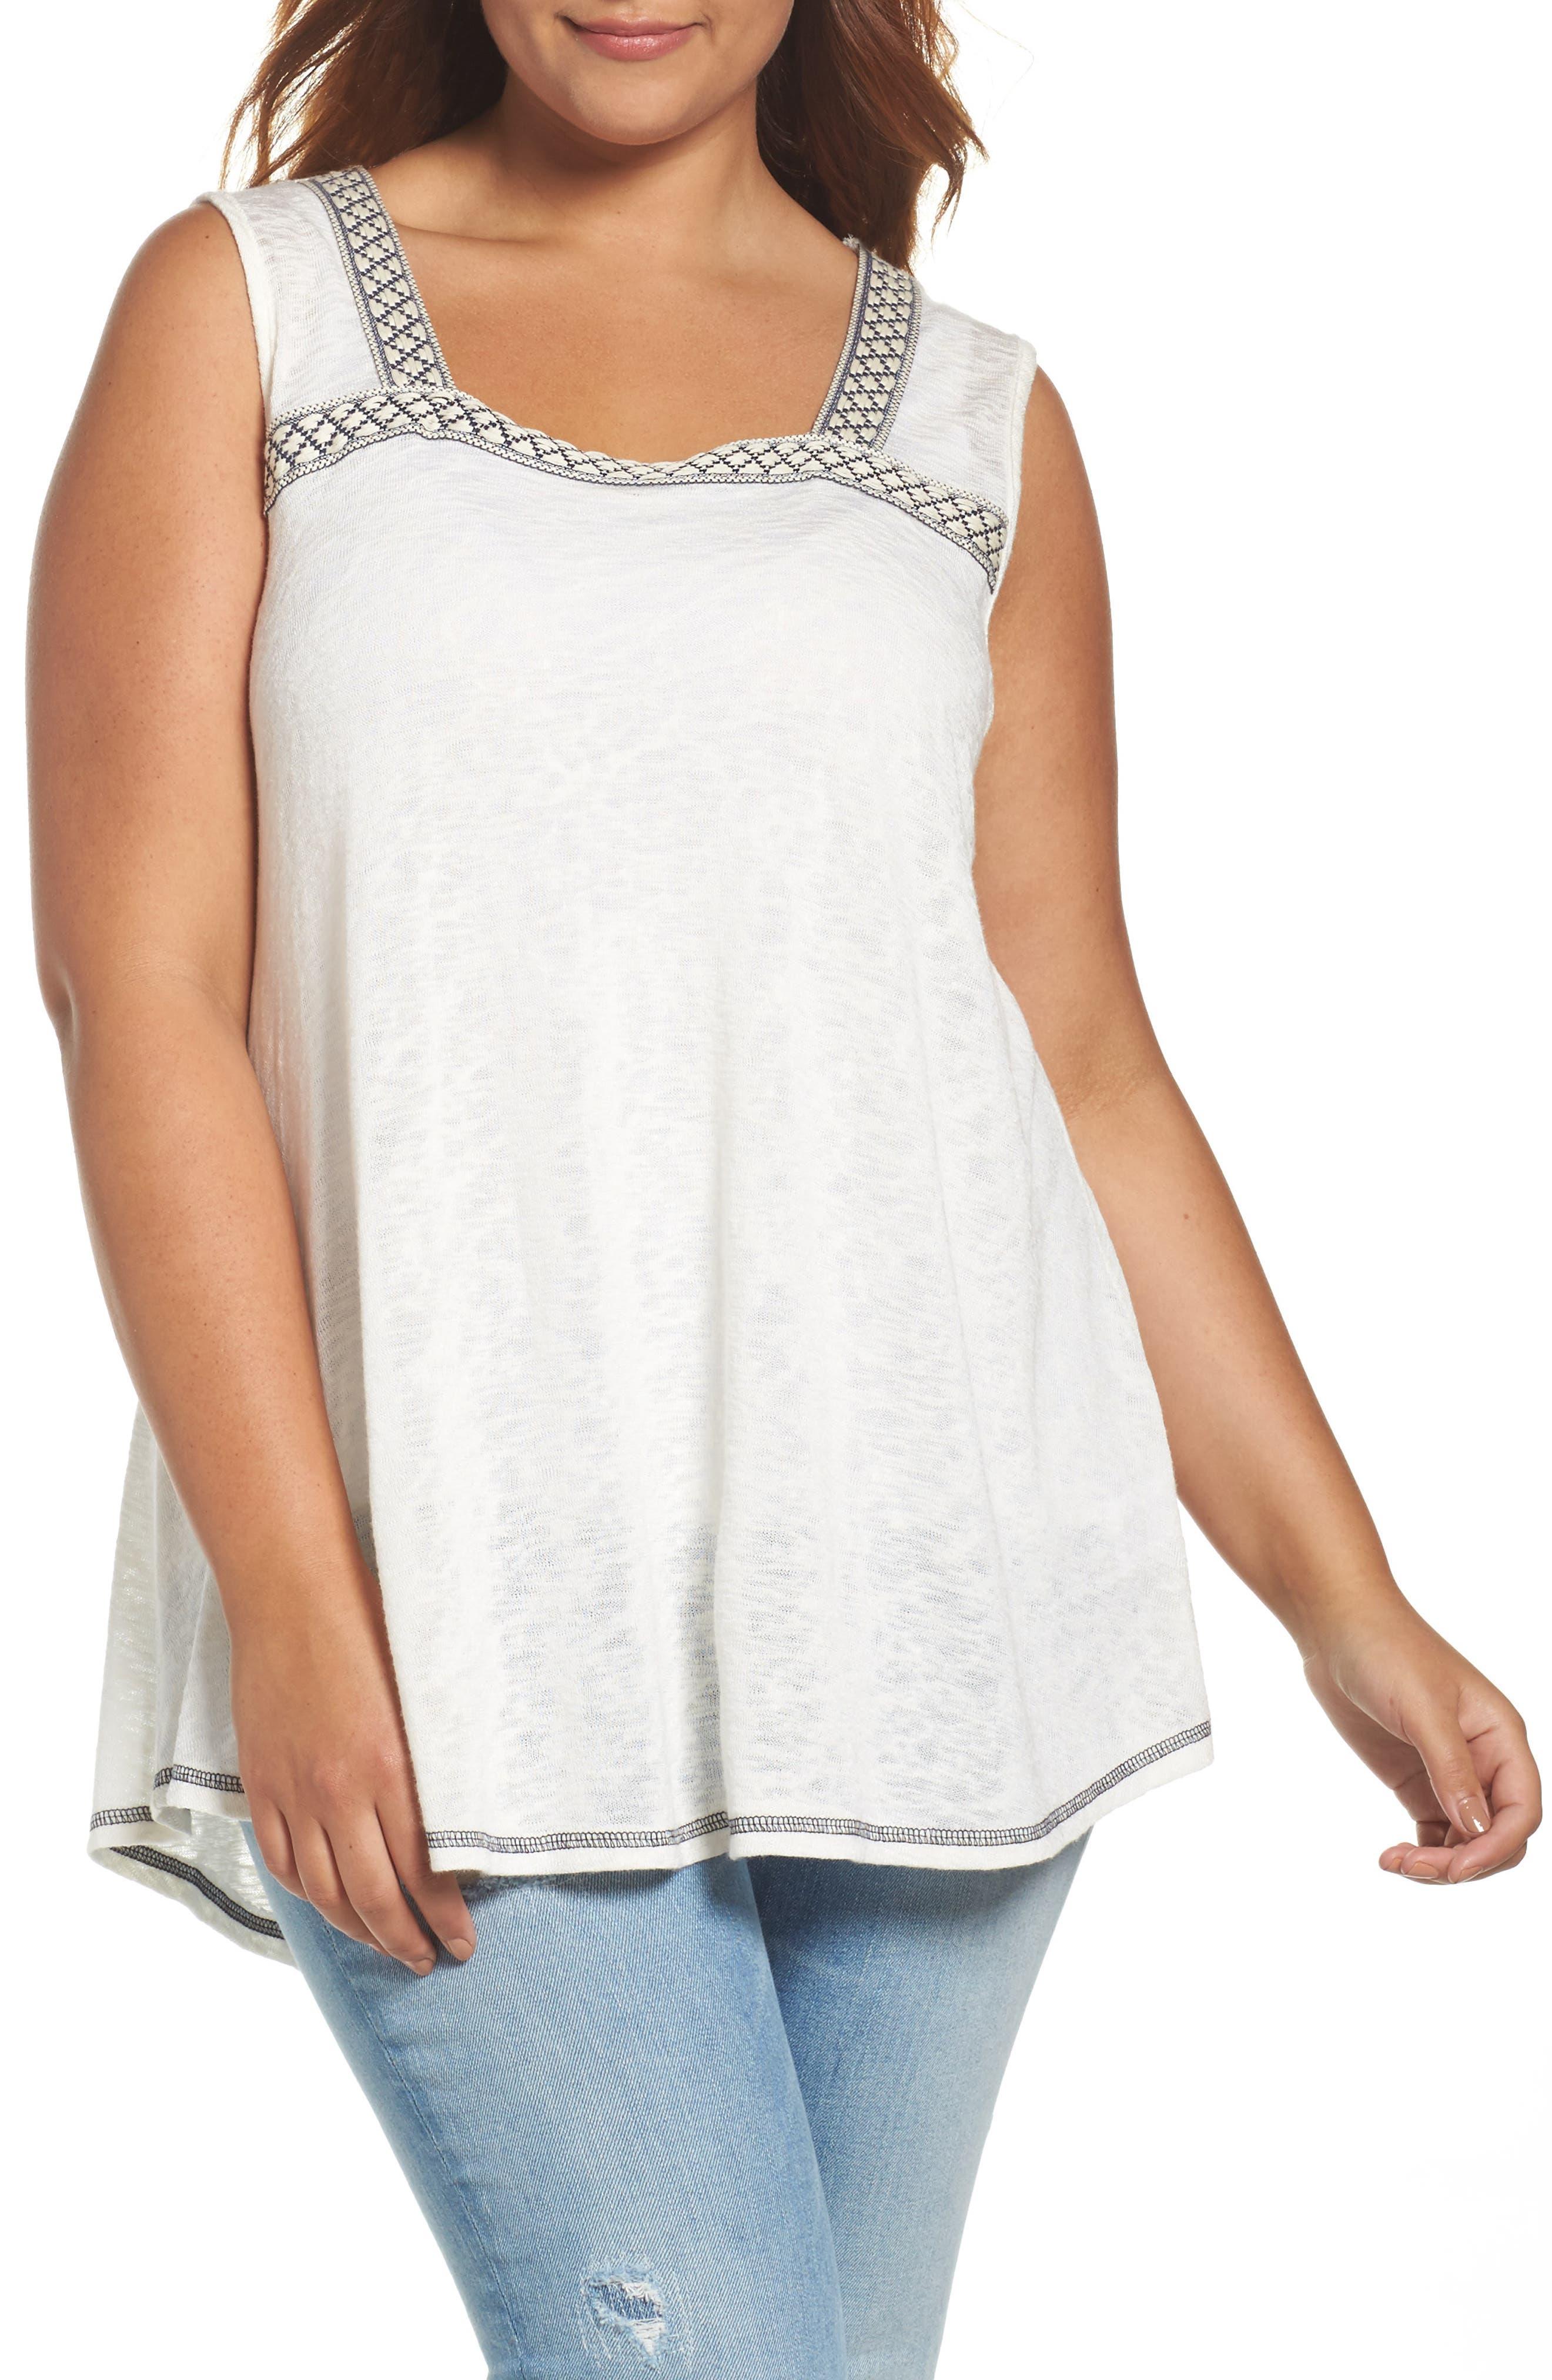 Bobeau Jacquard Trim Slub Knit Top (Plus Size)